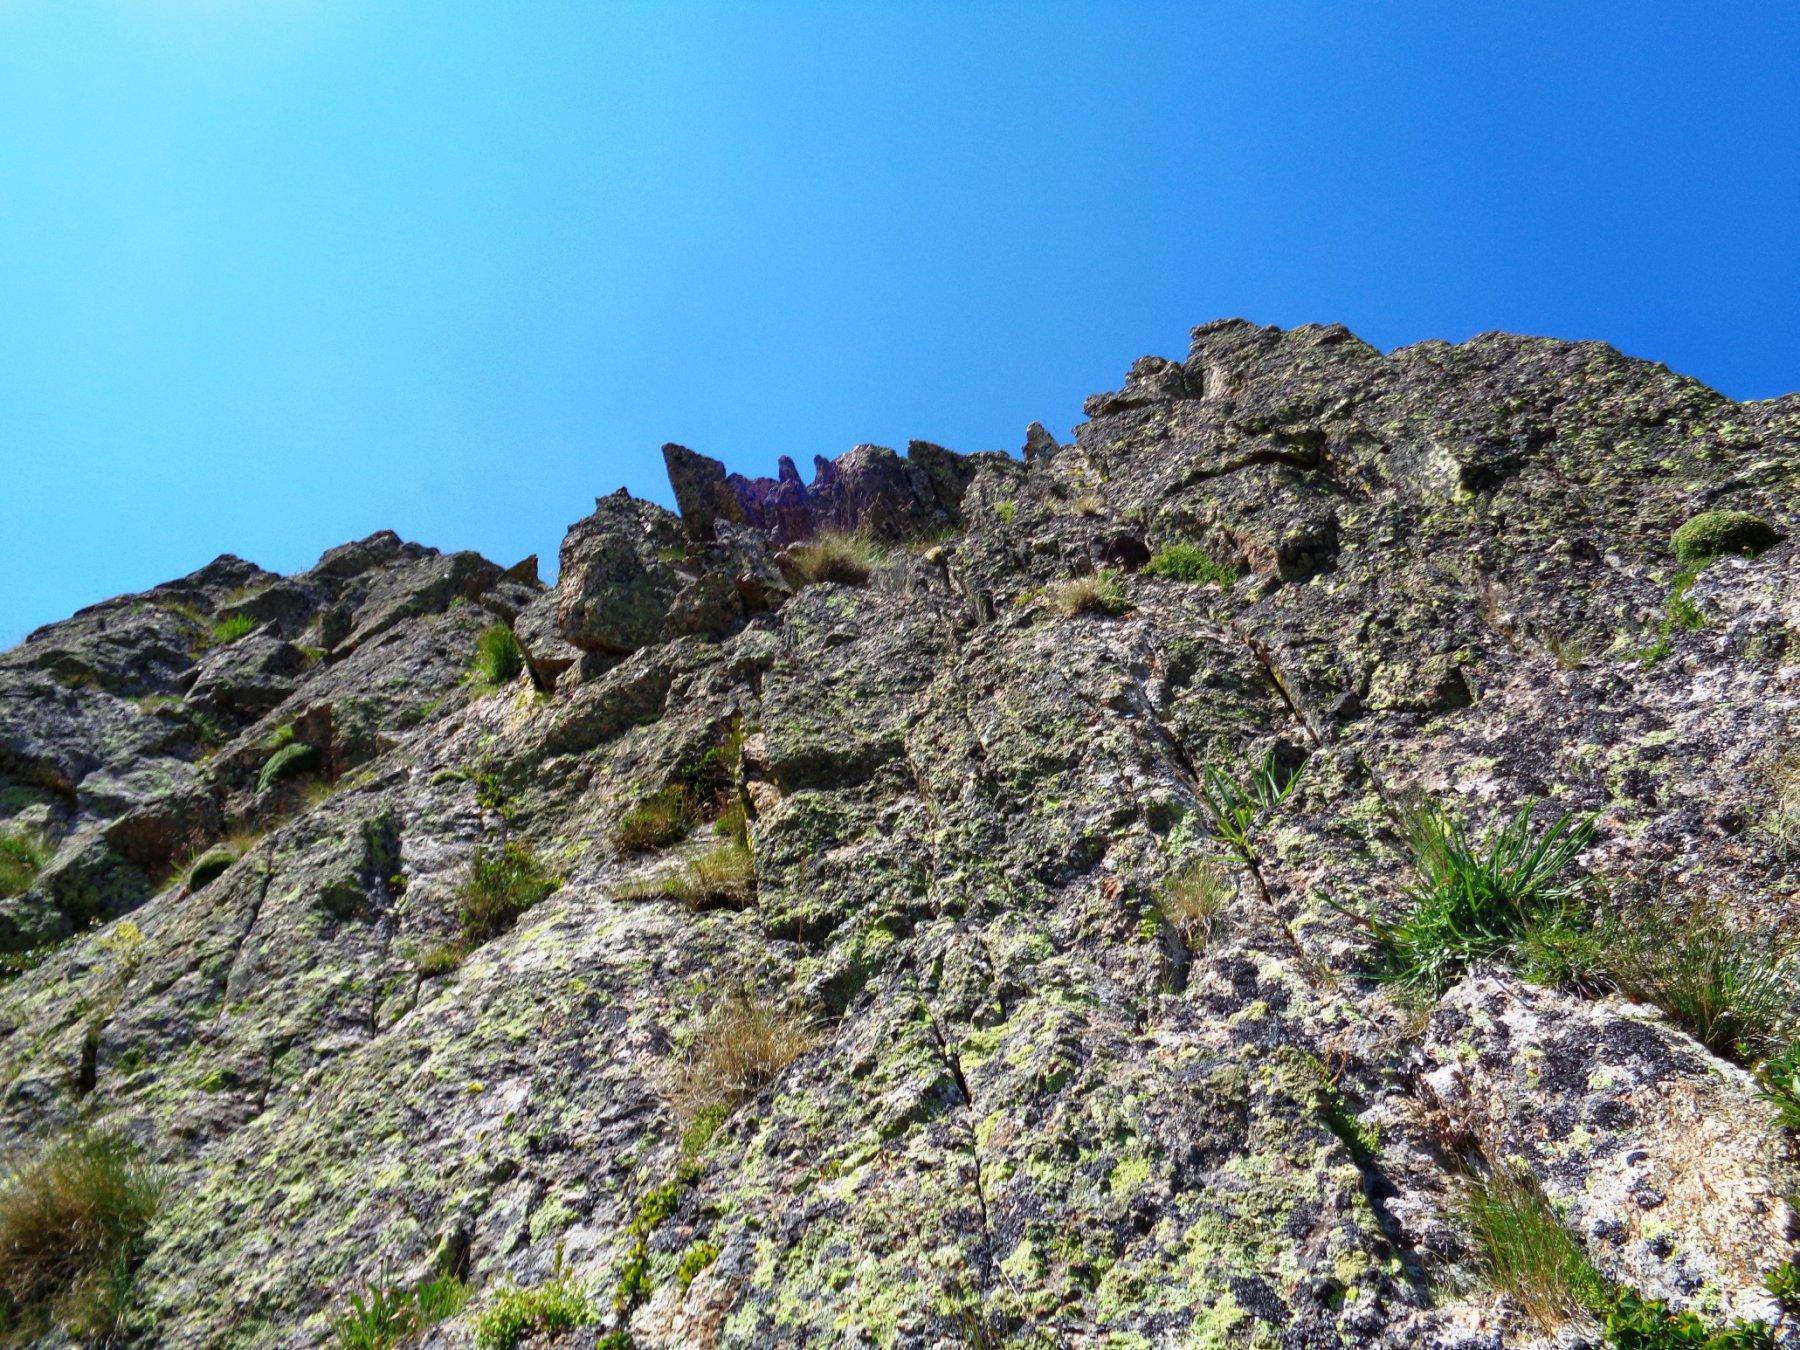 muretti verticali di ottima roccia